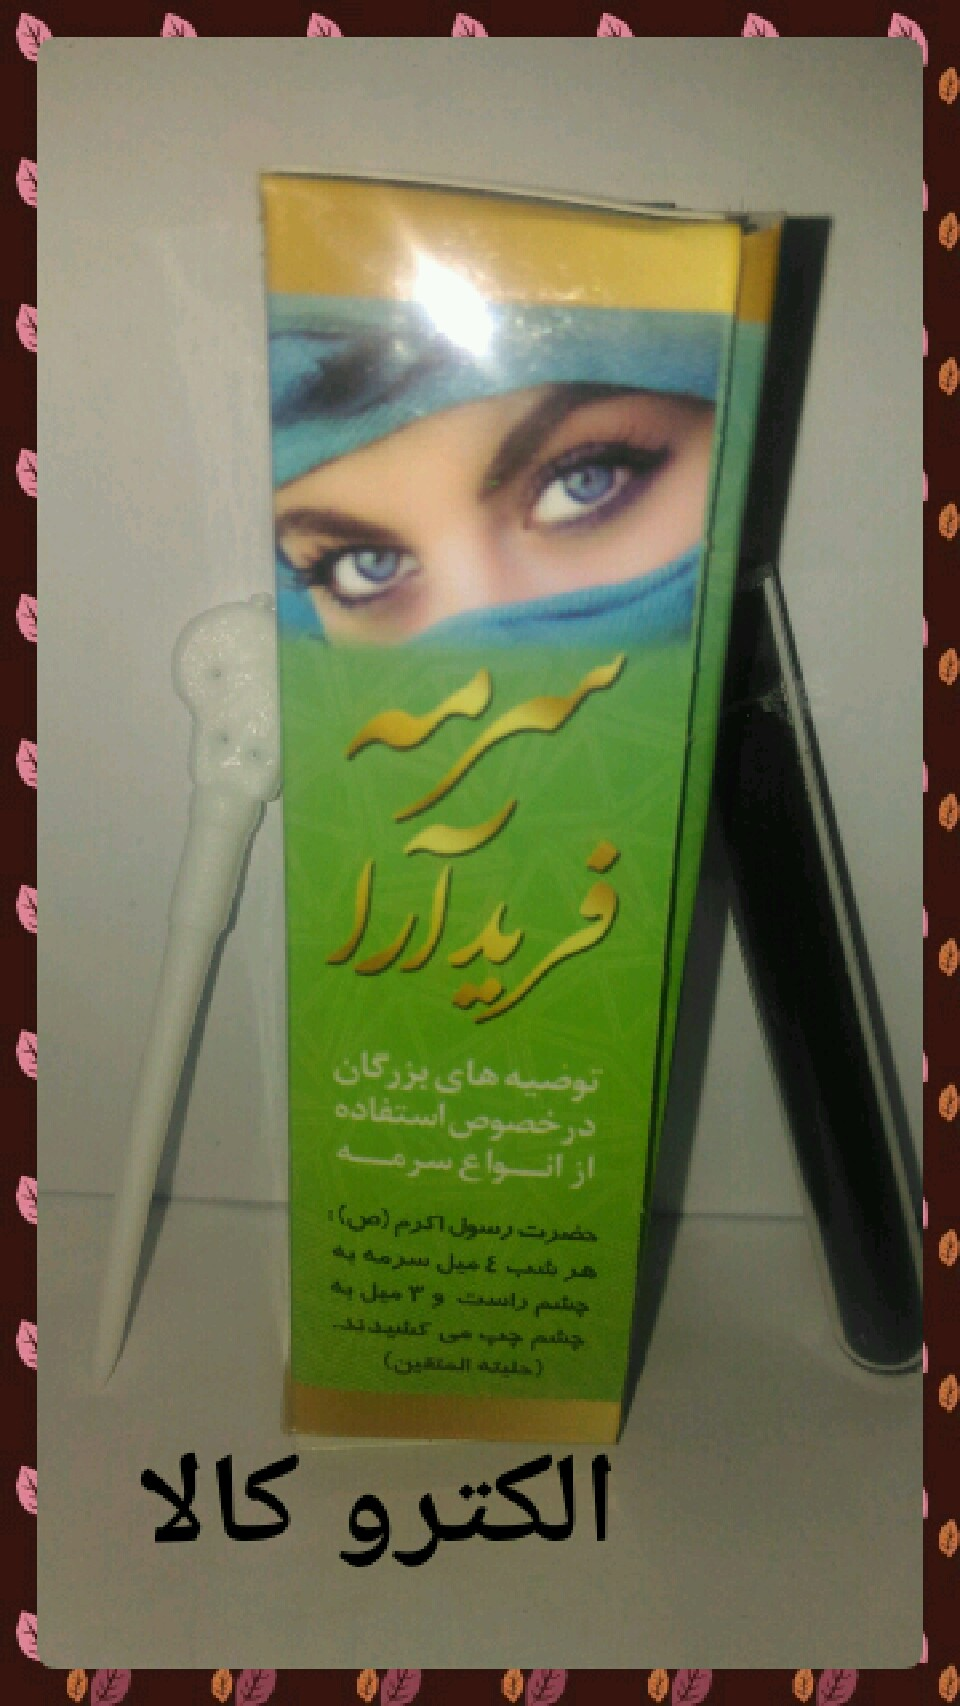 در دوران باستان، از ۳۵۰۰ سال پیش از میلاد، ملکههای مصری به چشم خود سرمه میکشیدند. سرمه را نگهبان چشم علیه بیماریها میدانستند